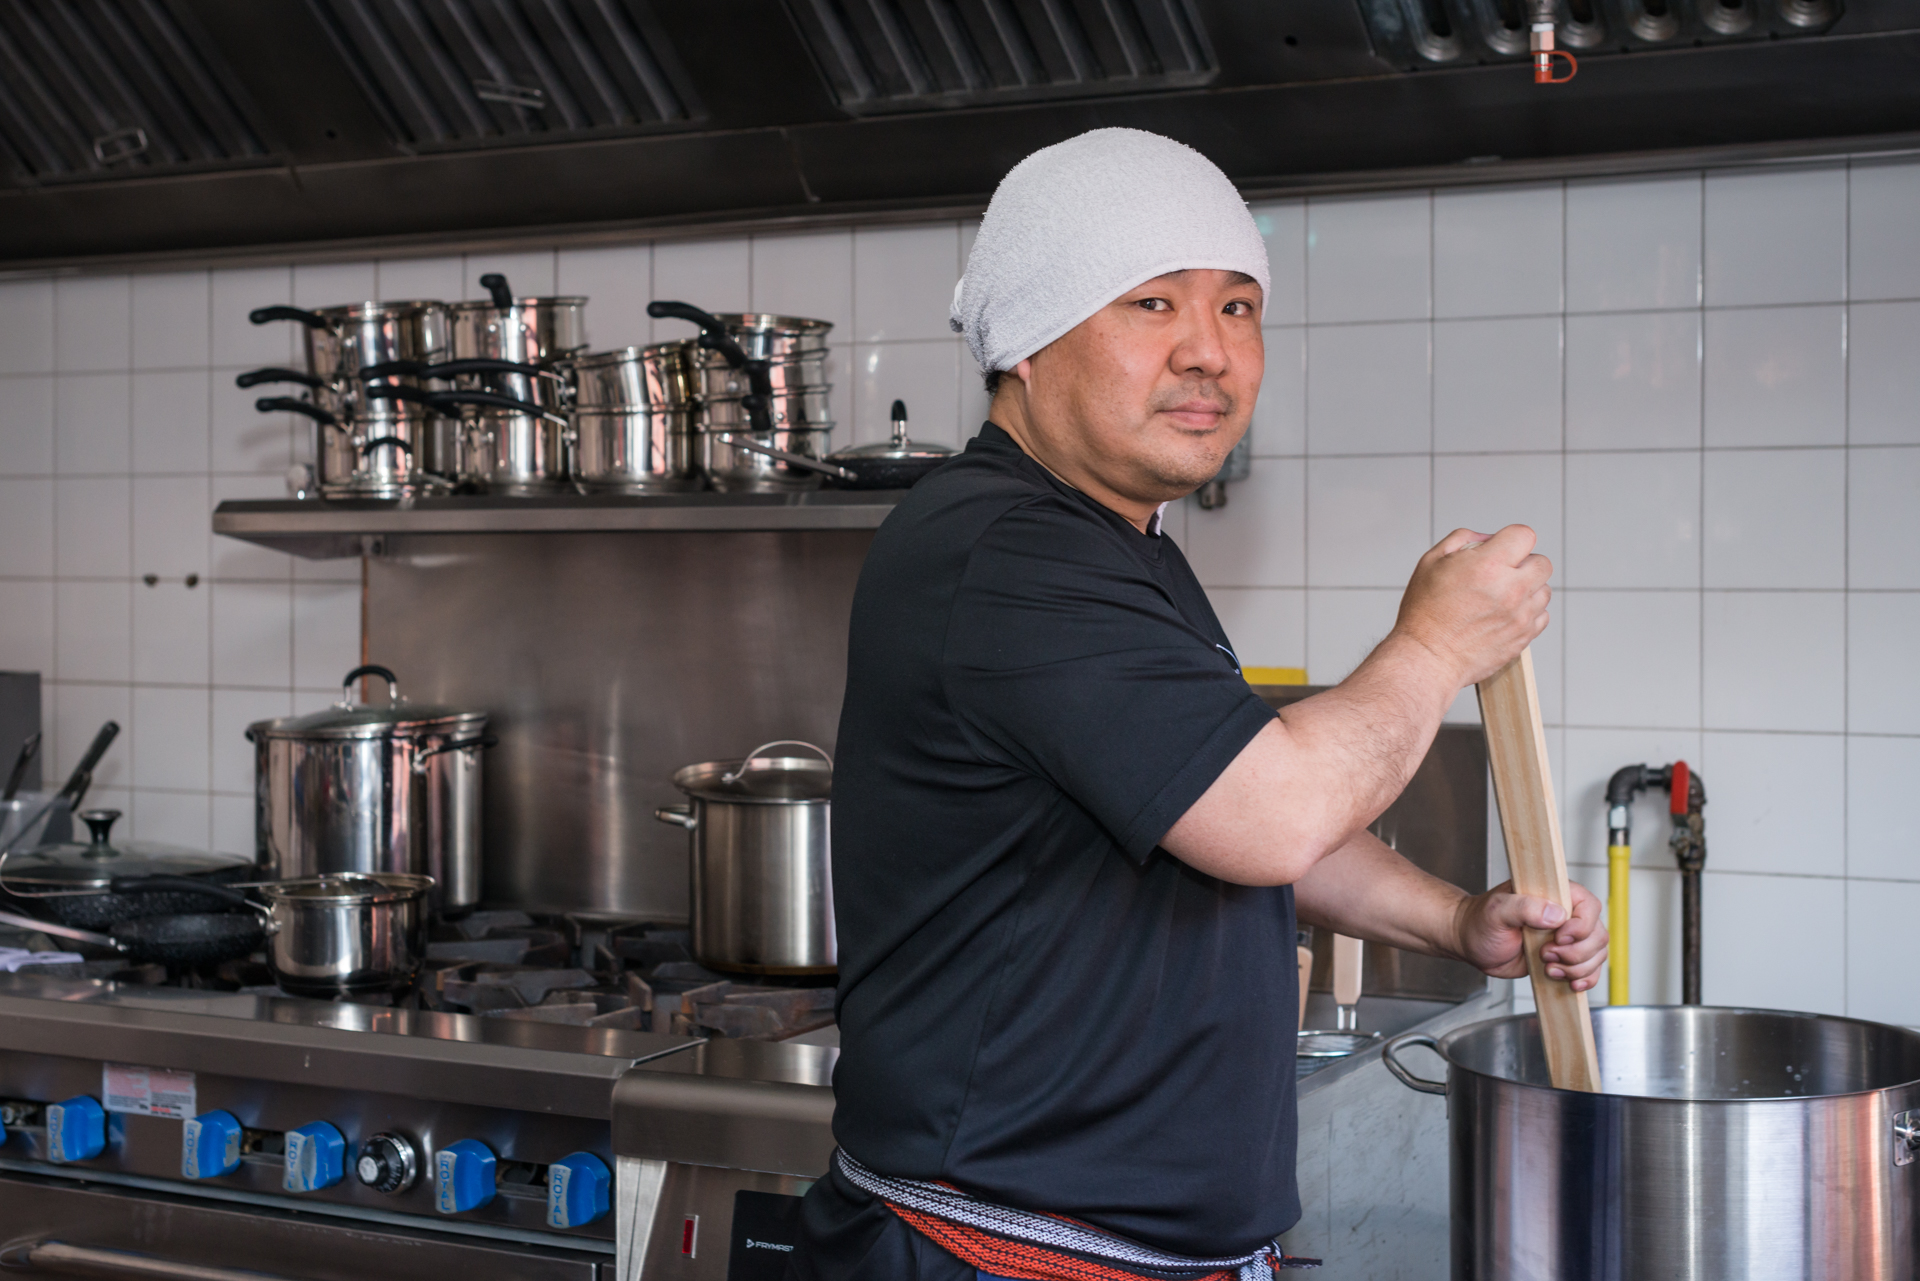 Hojo's Japanese Cuisine Chef